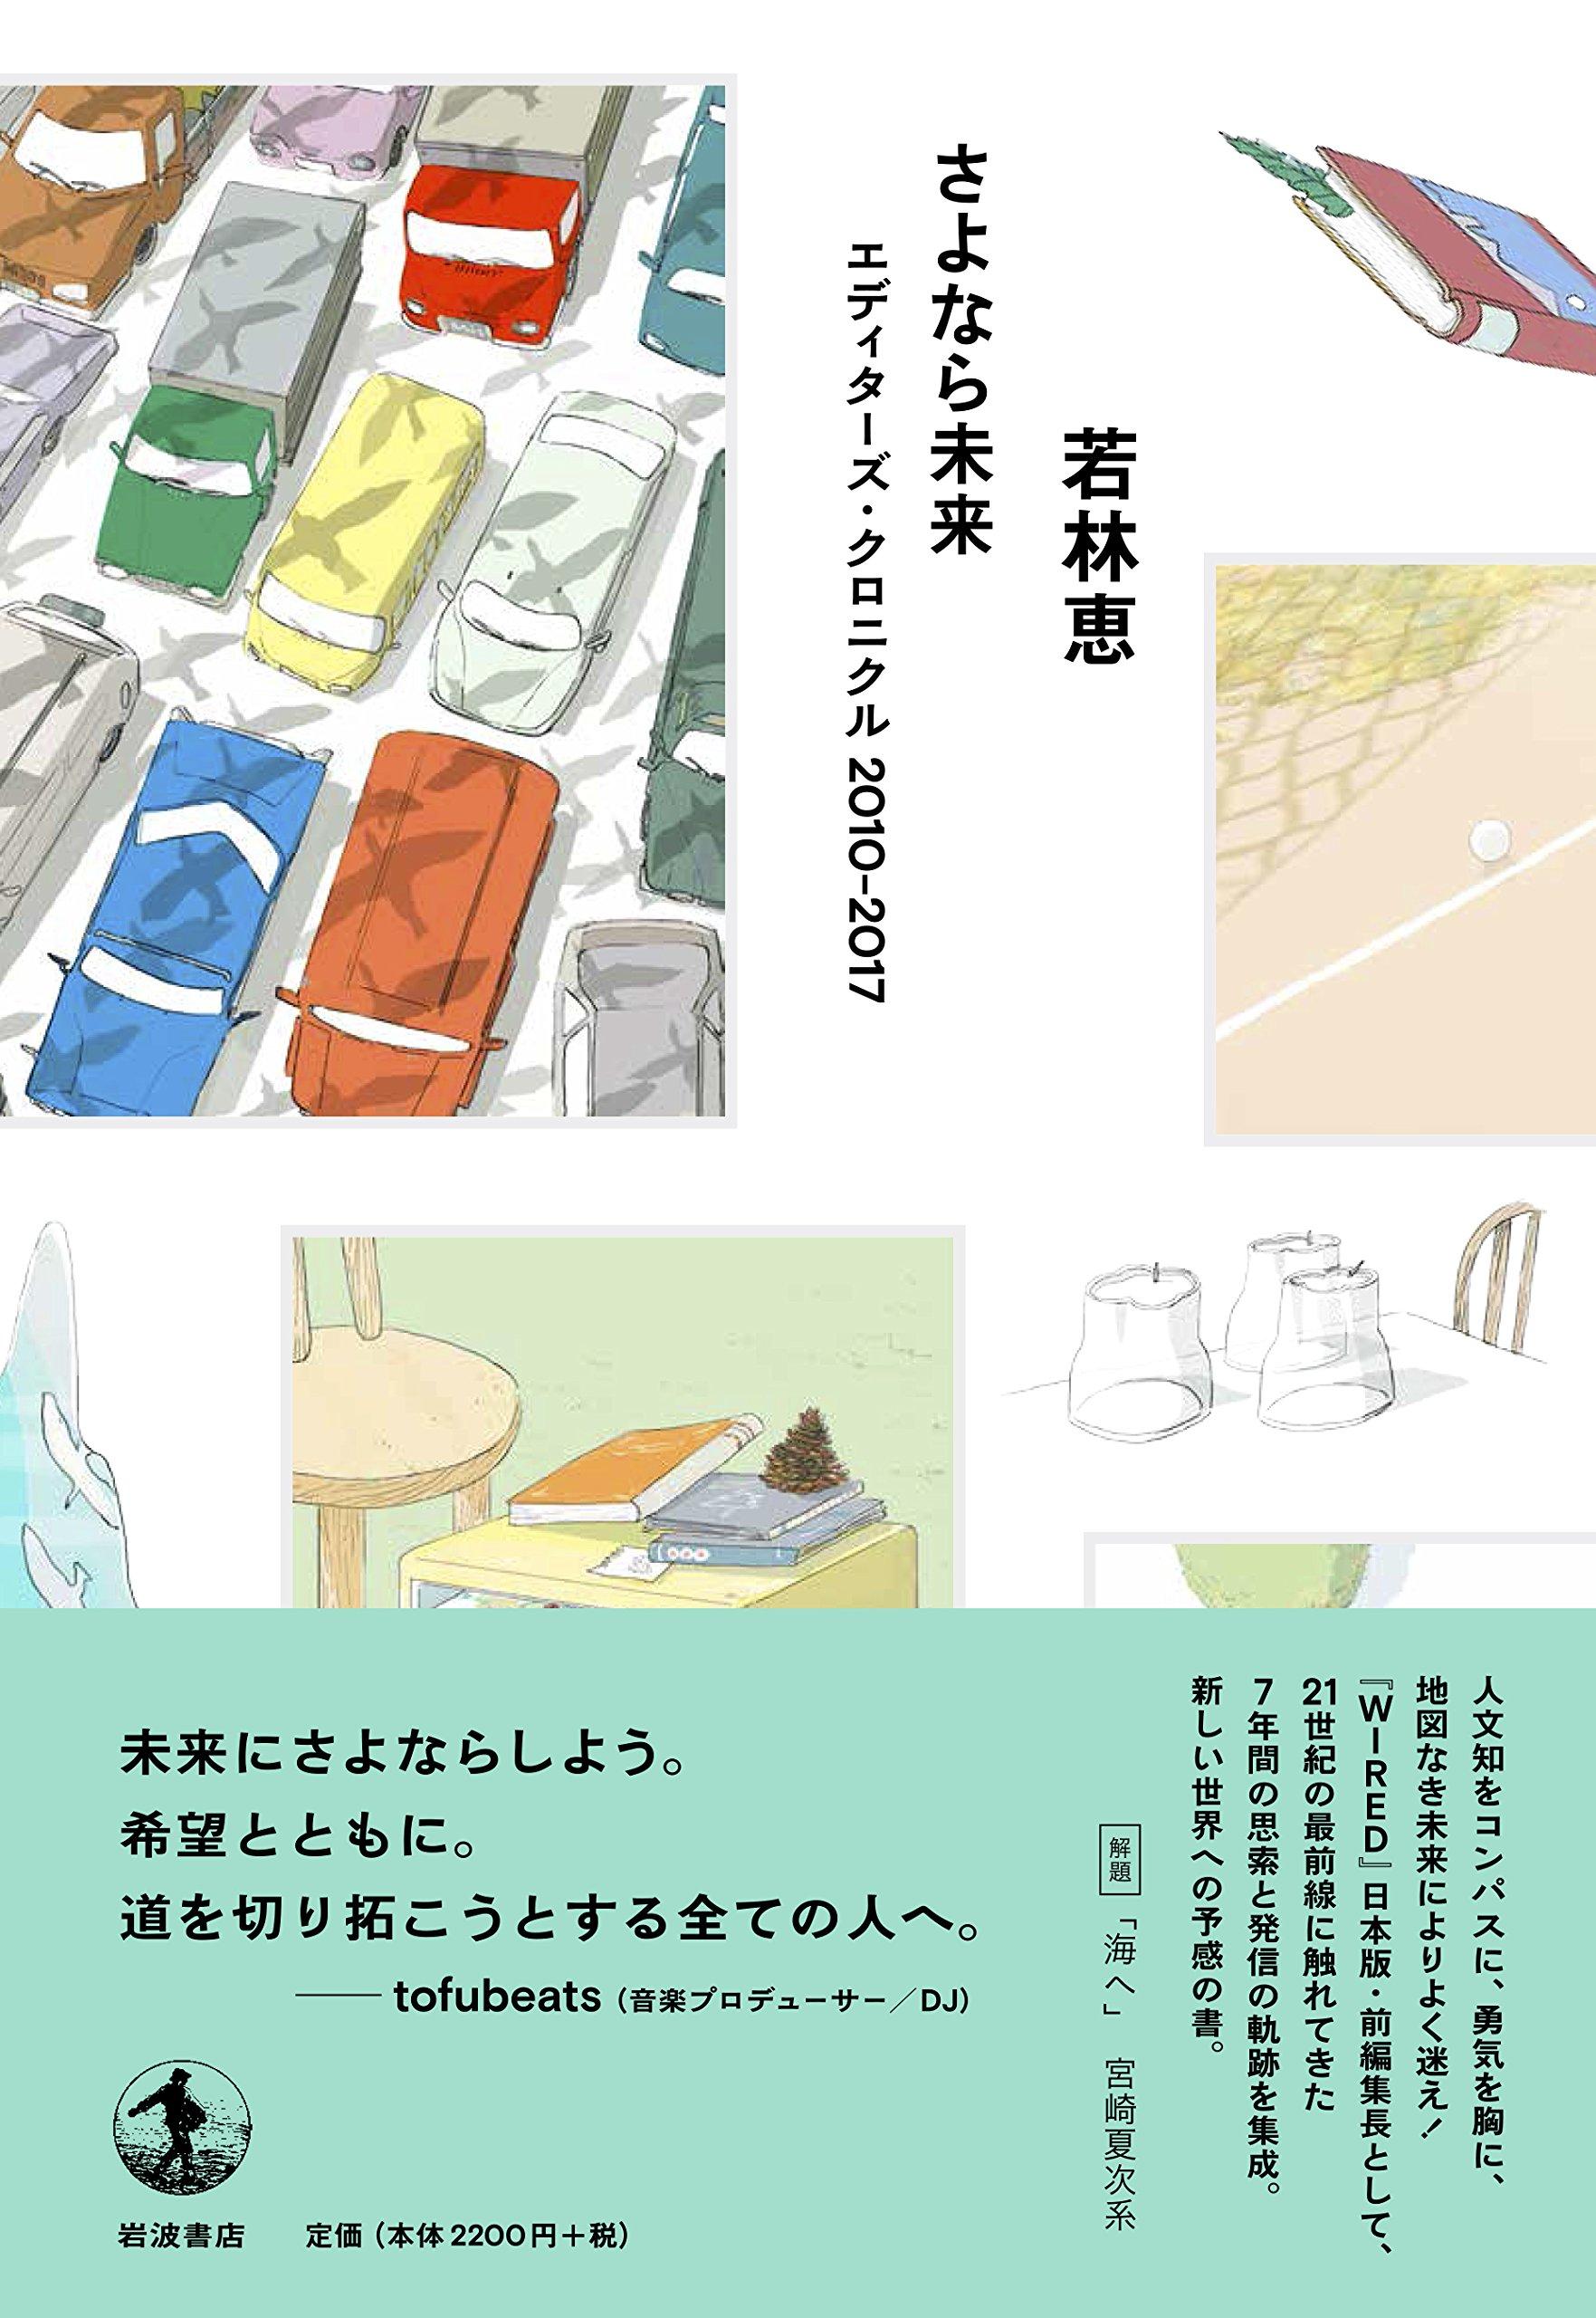 若林恵(2018)『さよなら未来』岩波書店